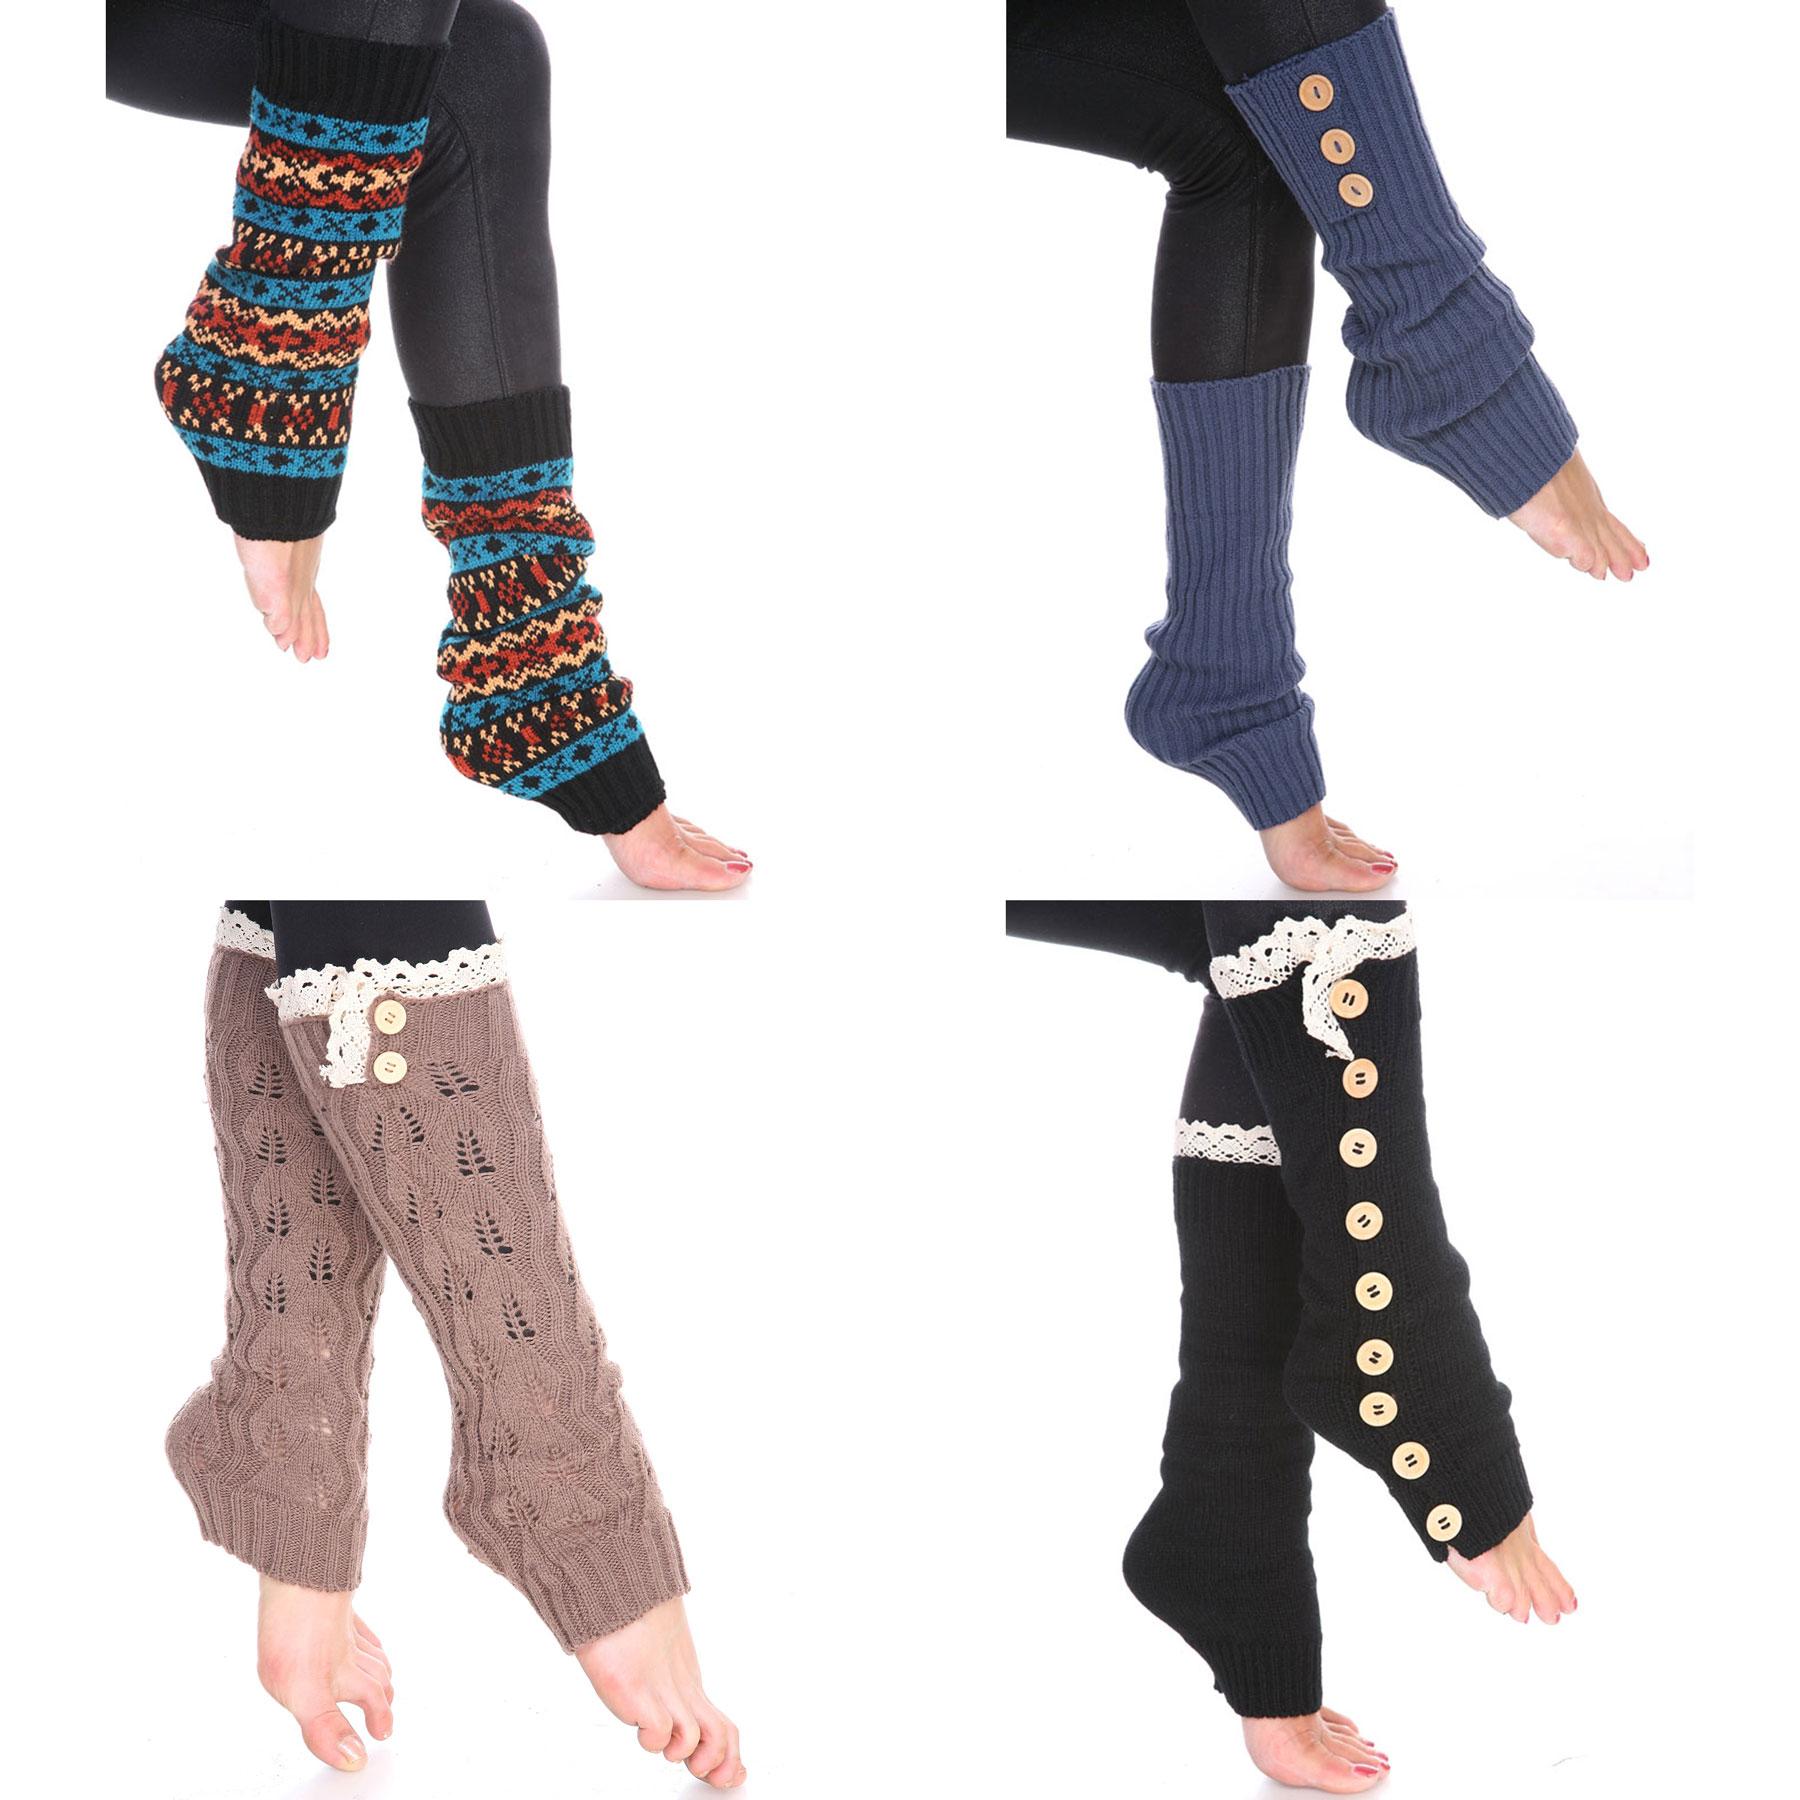 Wholesale Acrylic Leg Warmers